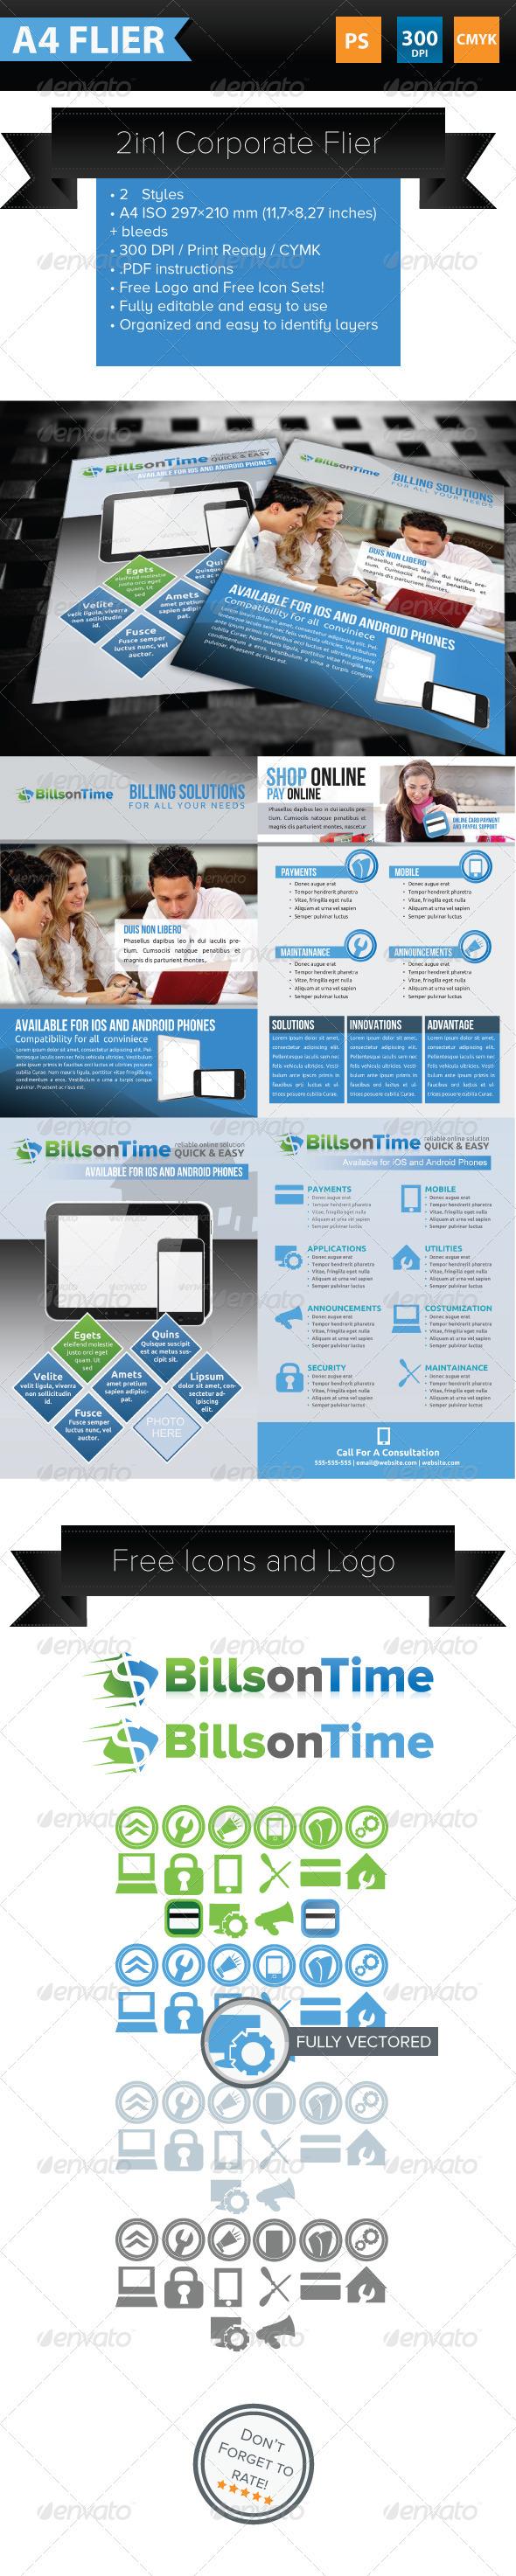 GraphicRiver 2 in 1 Corporate Filer Template 3781880